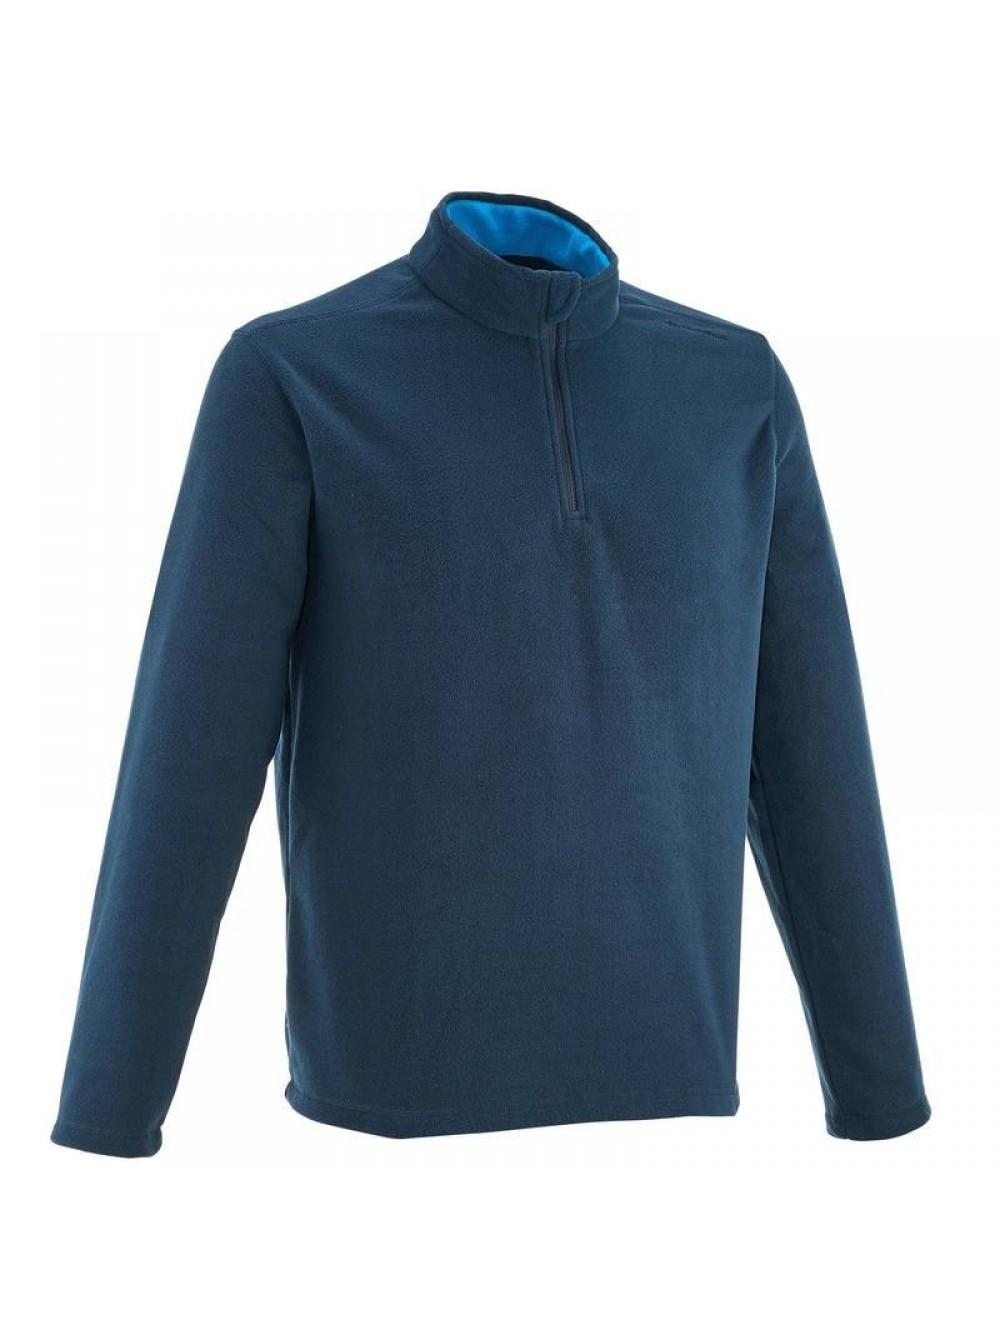 Sous-veste tricot polaire Décathlon - 100 % polyester - bleu marine 6c4379c3169